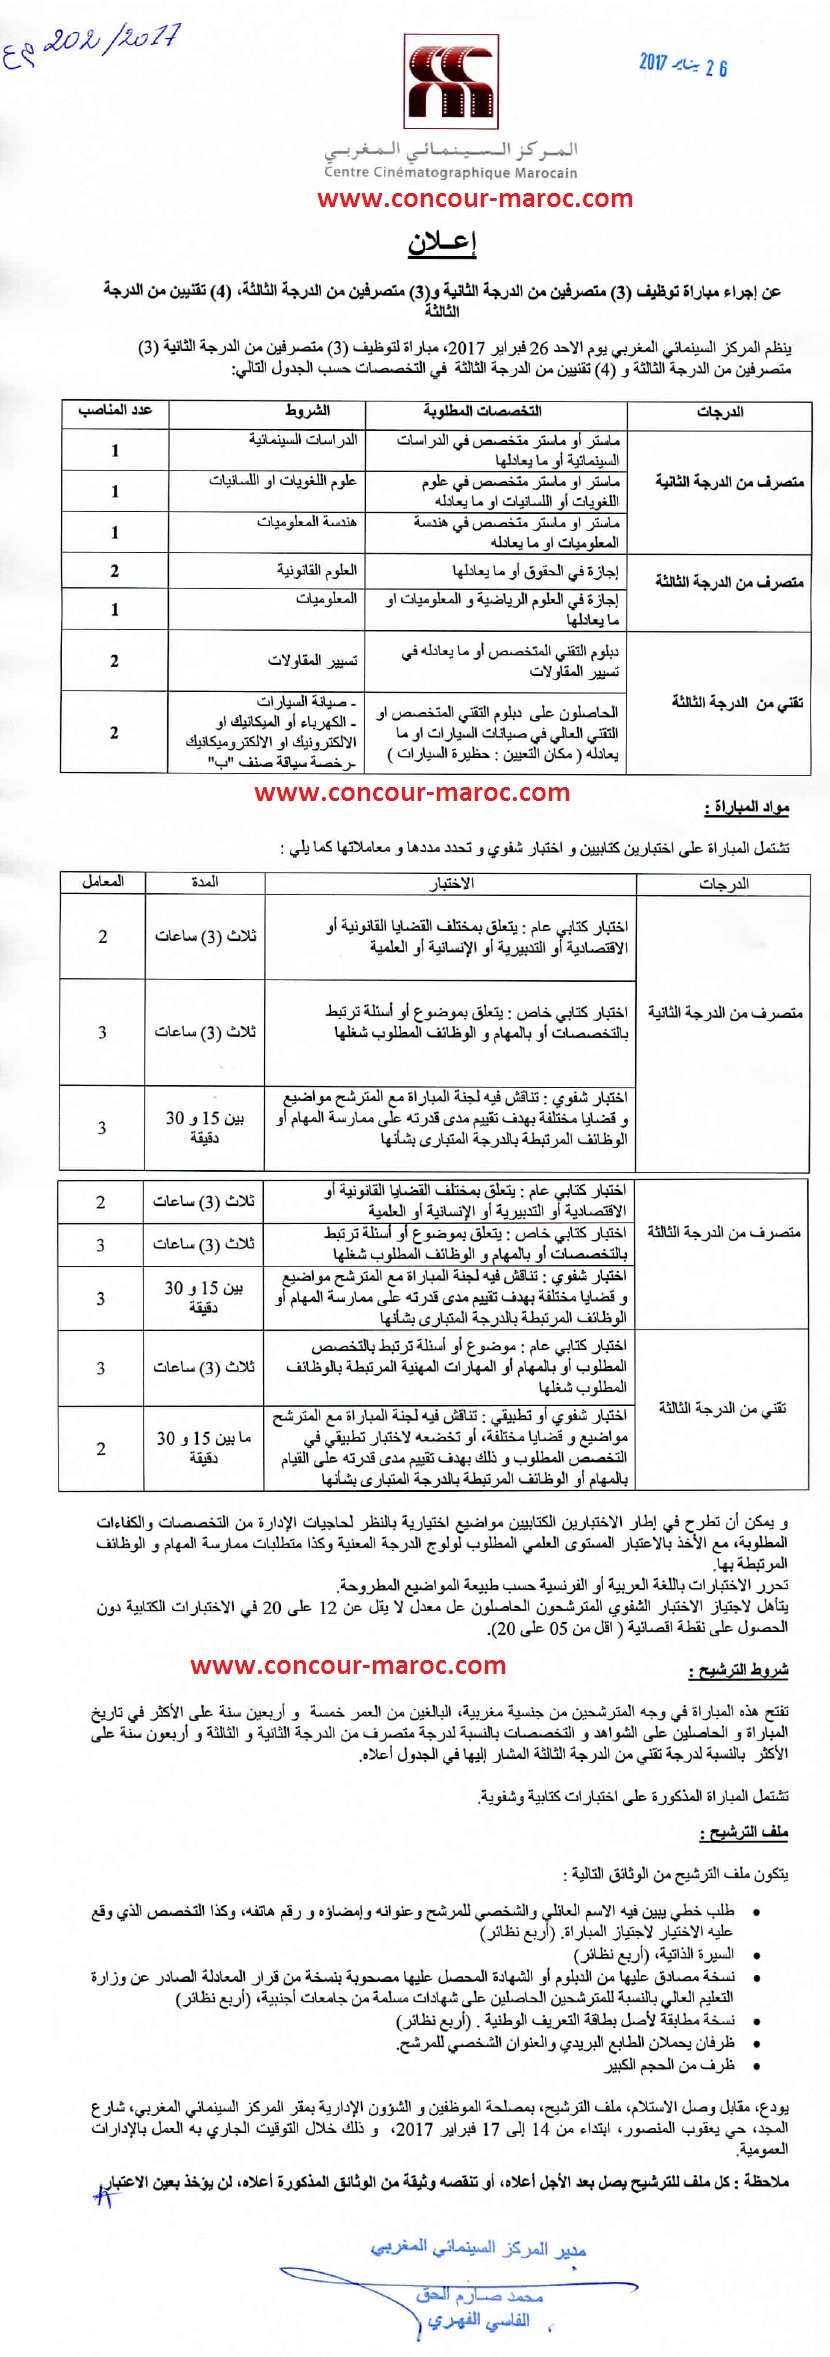 المركز السينمائي المغربي : مباراة لتوظيف 3 متصرفين من الدرجة الثانية و3  متصرفين من الدرجة الثالثة و 4 تقنيين من الدرجة الثالثة (10 مناصب) آخر أجل لإيداع الترشيحات 17 فبراير 2017 Conco118